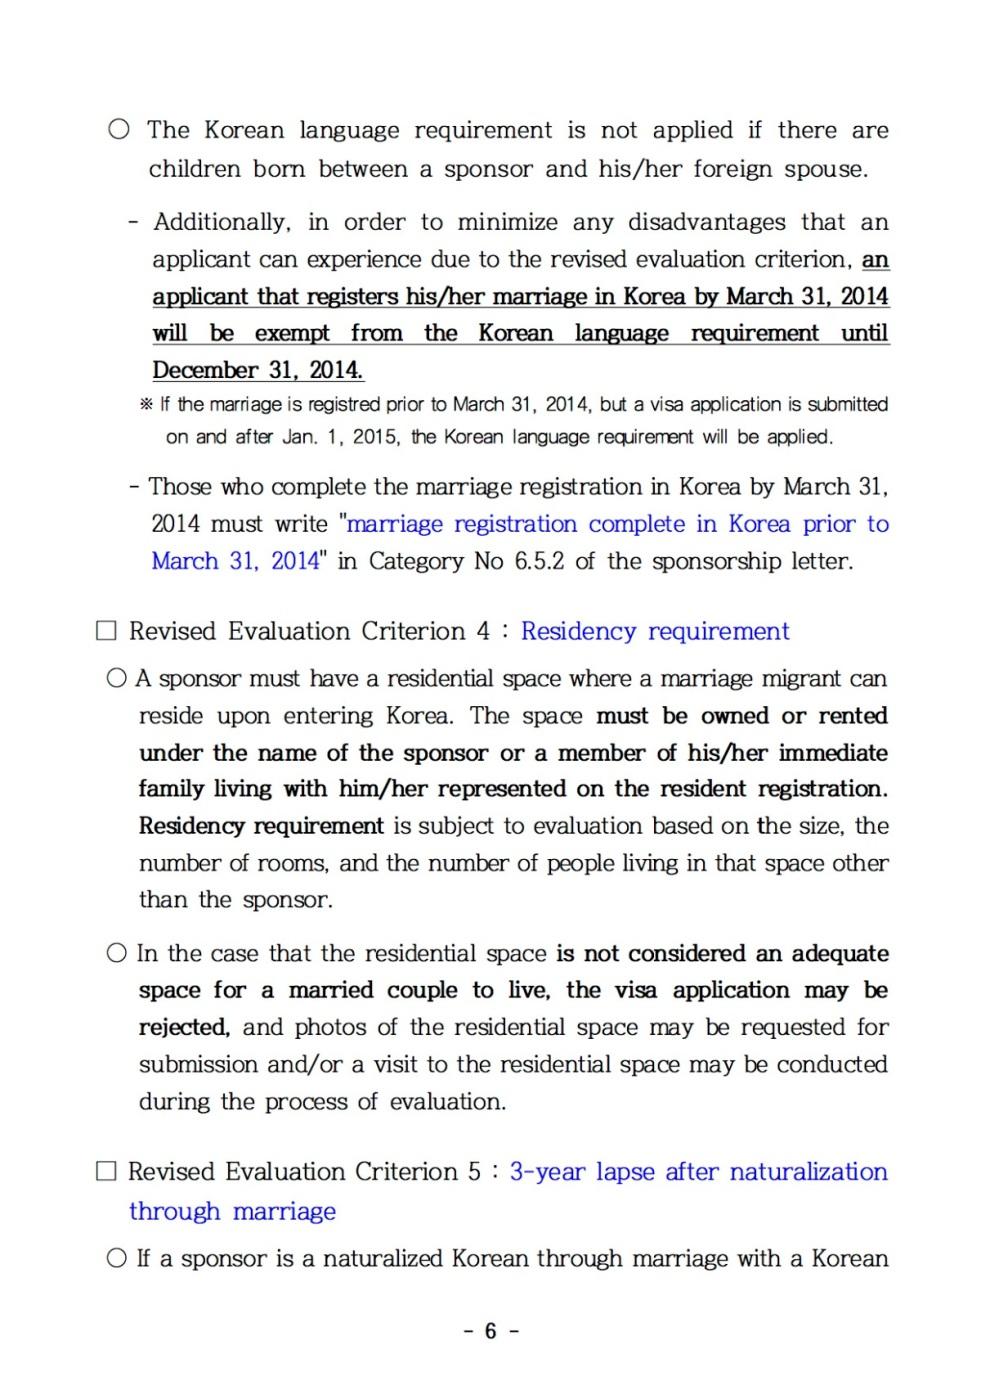 korean-spouse-visa-f-6-6